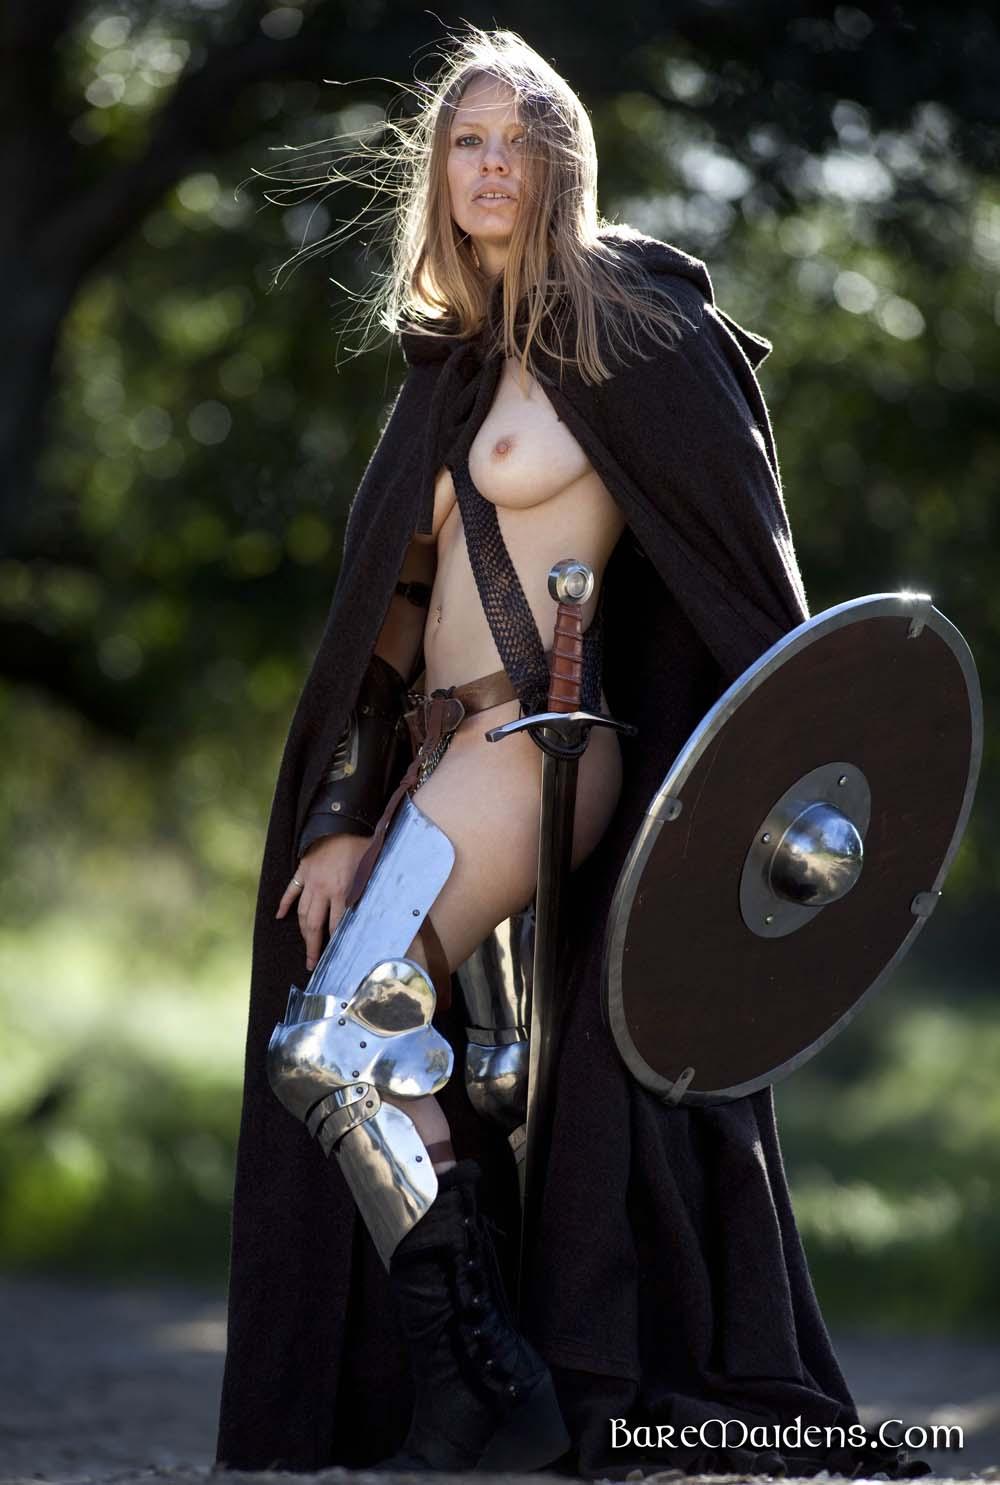 Erotic knight women pornos images